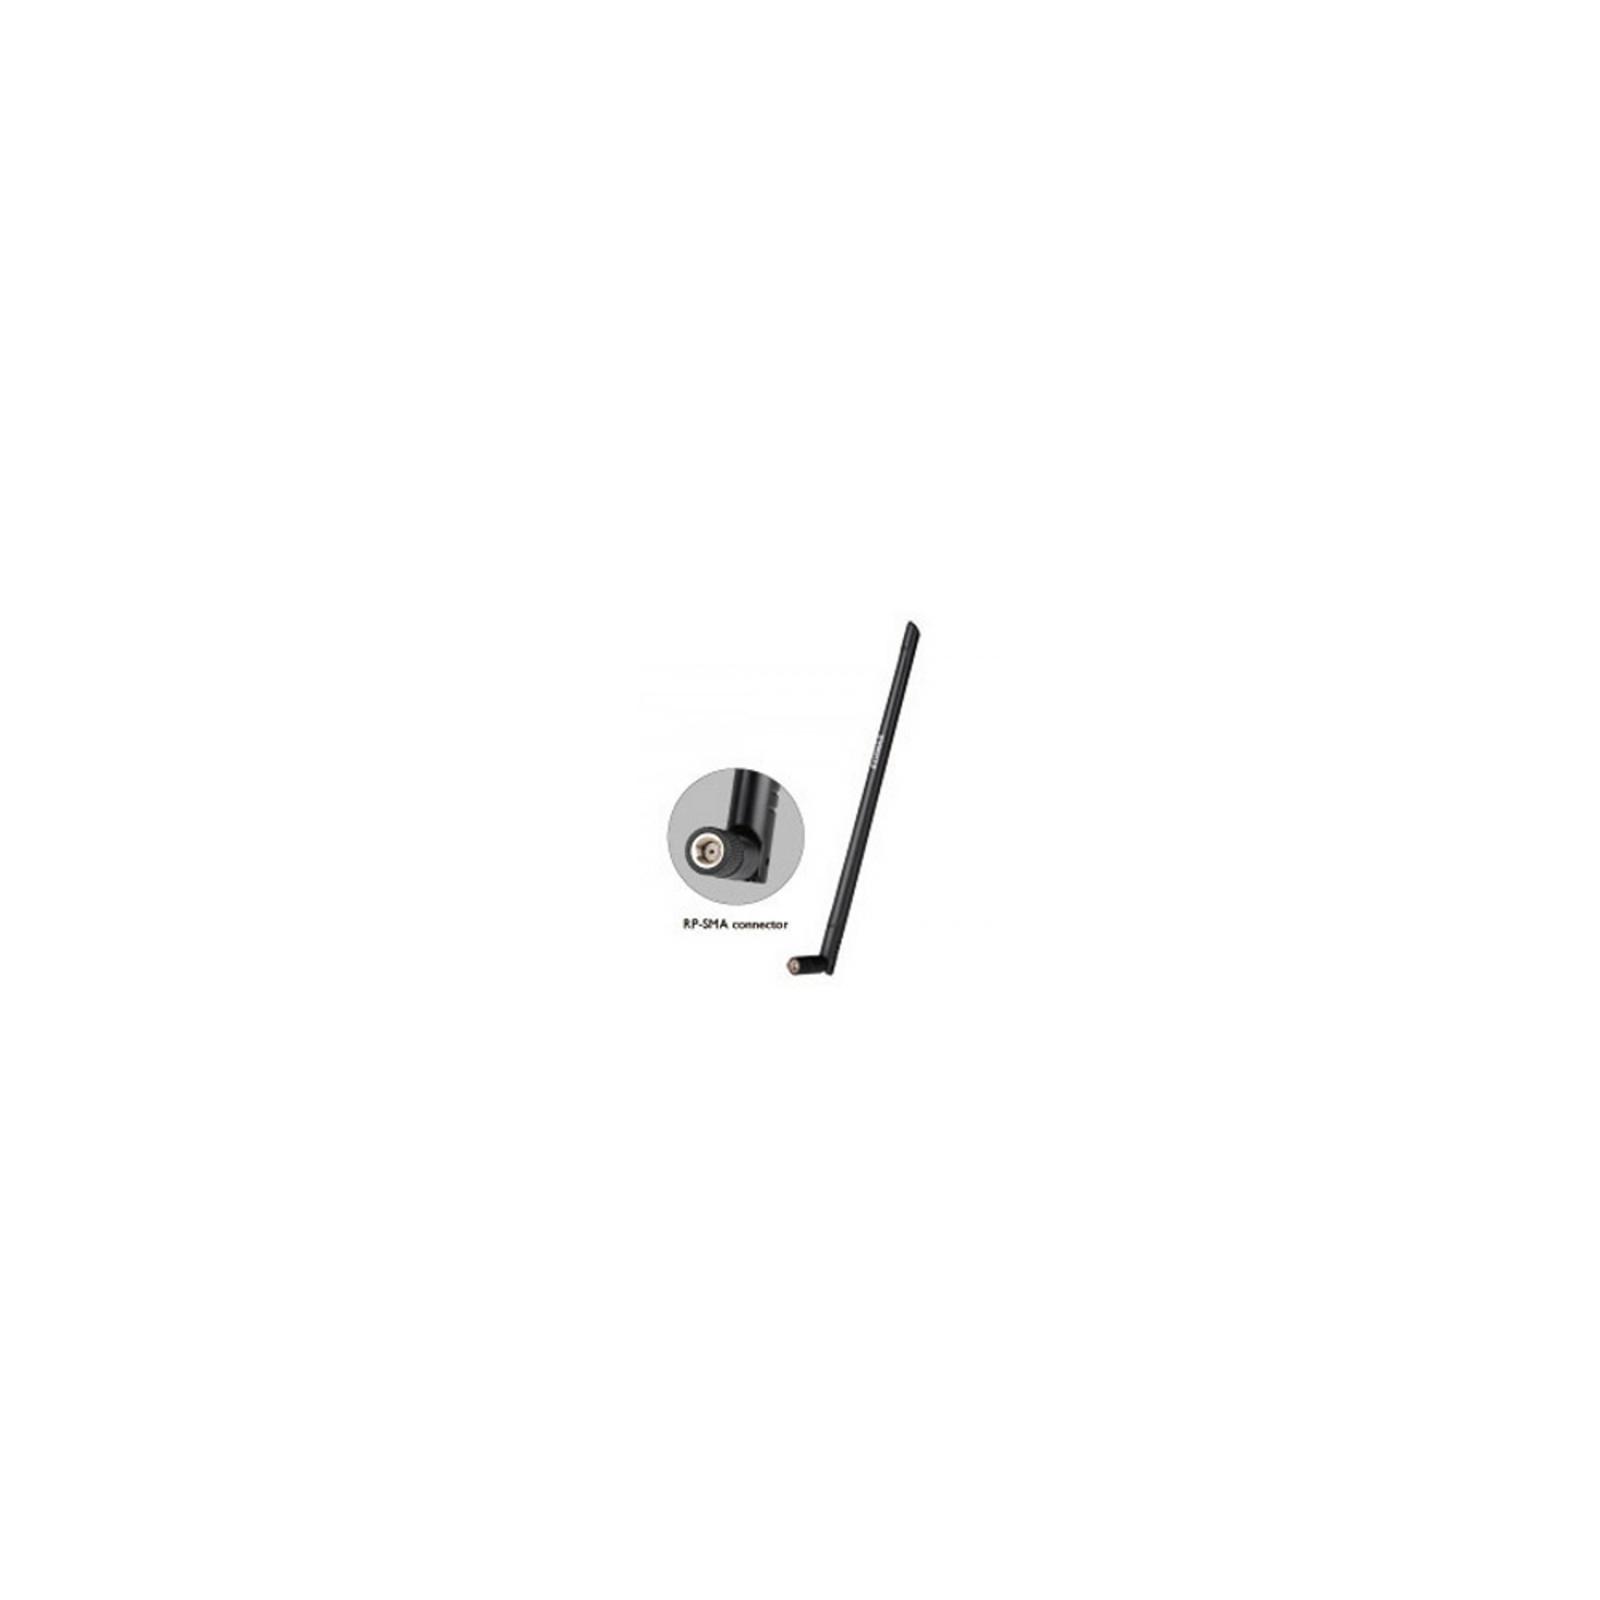 Антенна Wi-Fi EDIMAX EA-IO7D V2 изображение 2